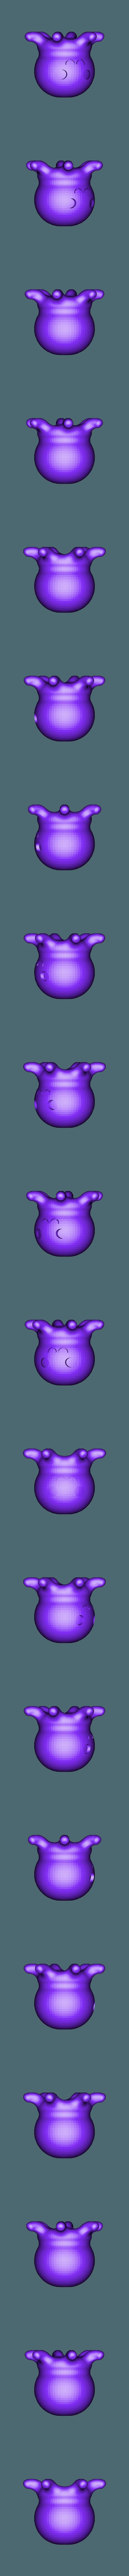 Poulpy.STL Télécharger fichier STL gratuit Poulpy le petit poulpe • Design pour imprimante 3D, MEcreative